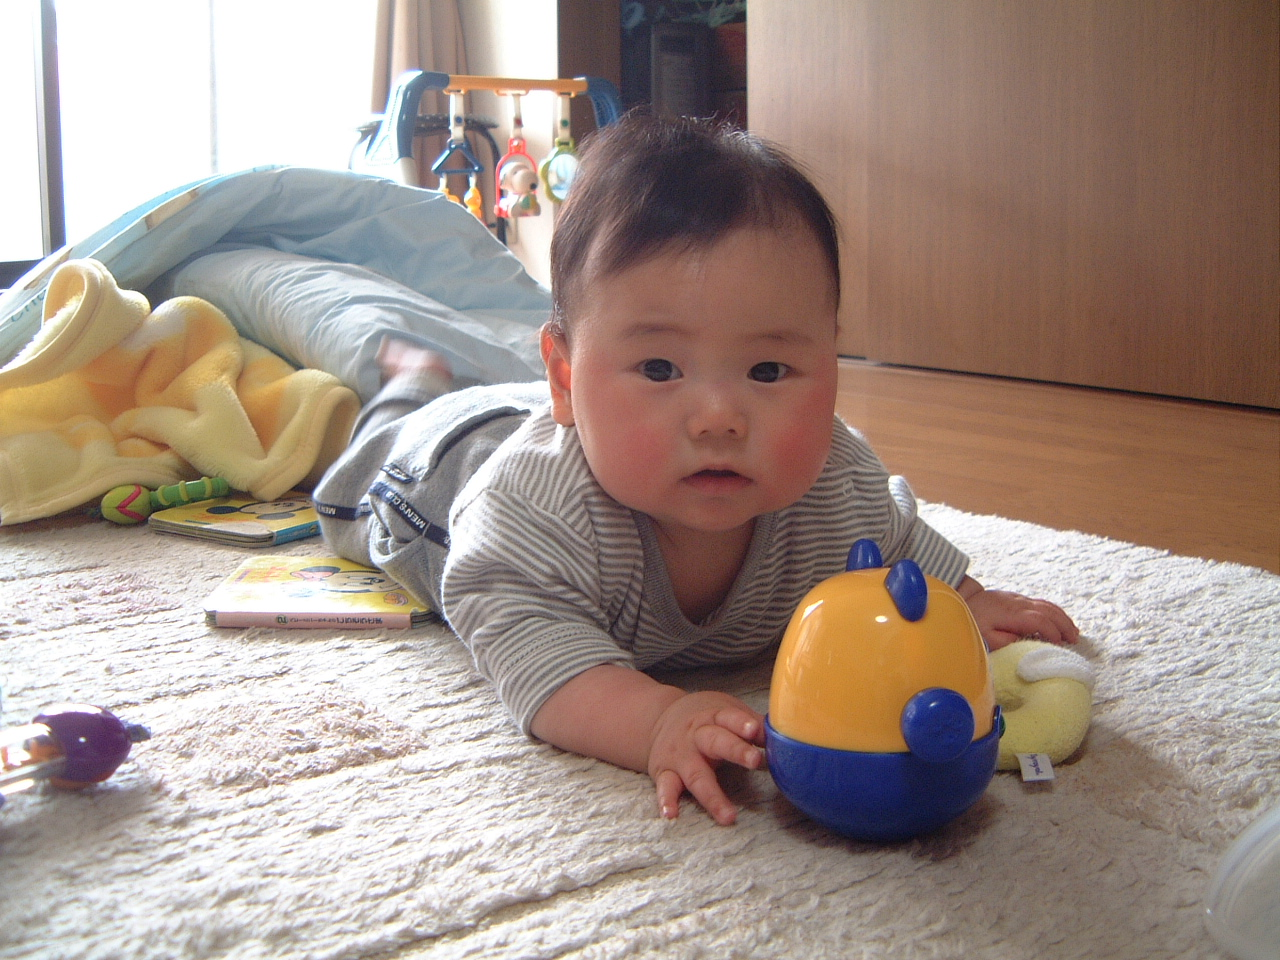 男の赤ちゃん 生後6ヵ月